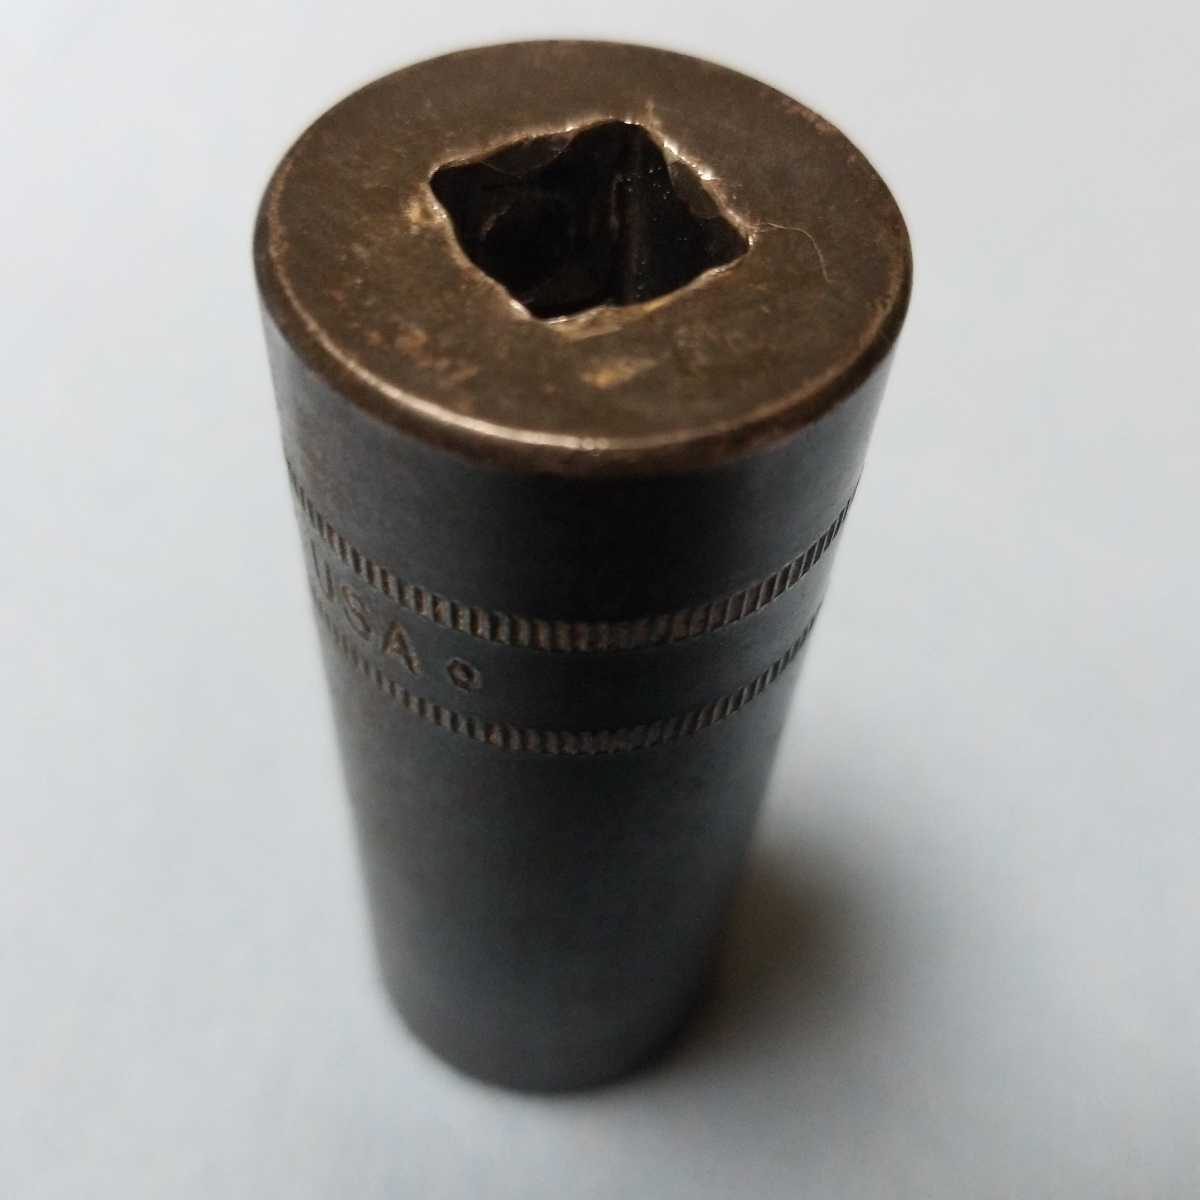 3/8 ディープ 19mm スナップオン インパクト ソケット SIMFML19 中古品 保管品 SNAP-ON SNAPON ディープソケット ソケットレンチ 旧ロゴ 6P_画像3